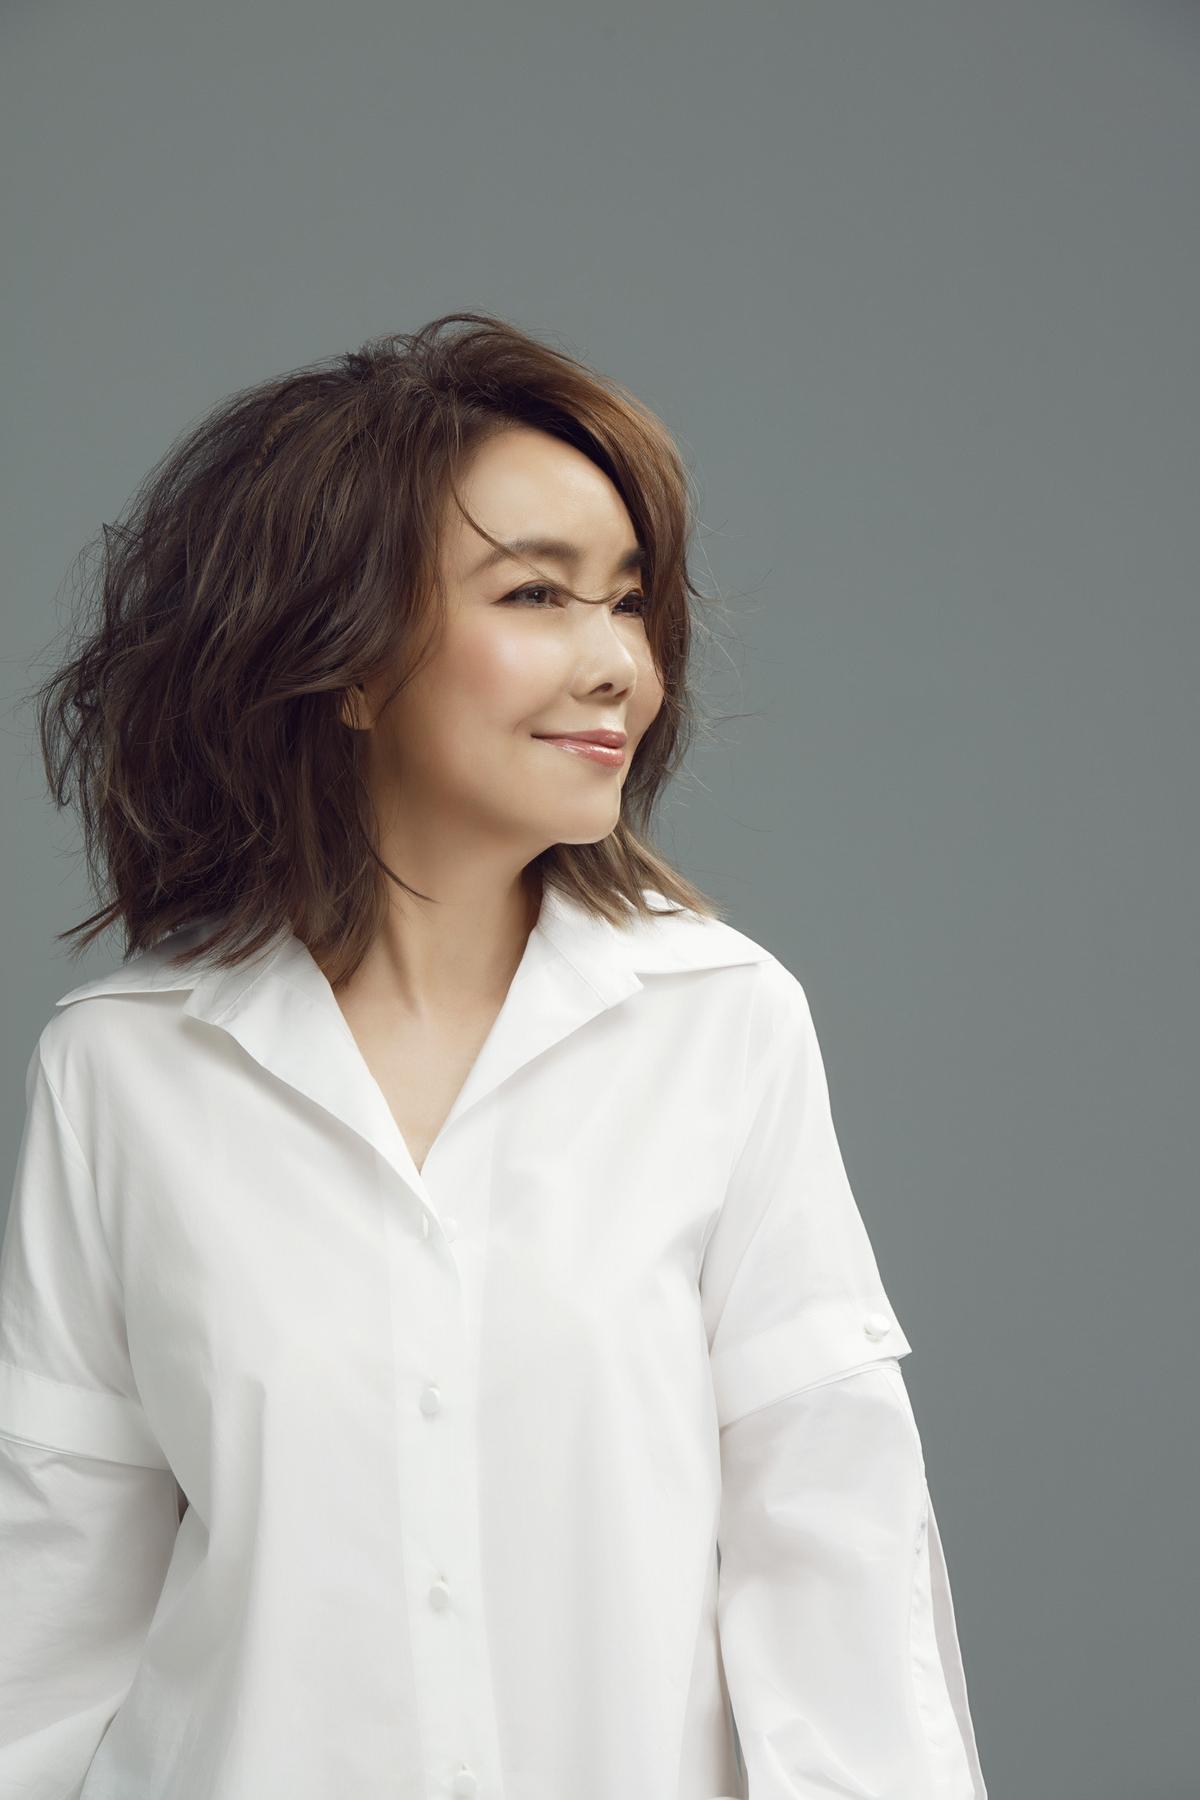 療傷天后12月開唱 辛曉琪喊話粉絲:來告白吧!